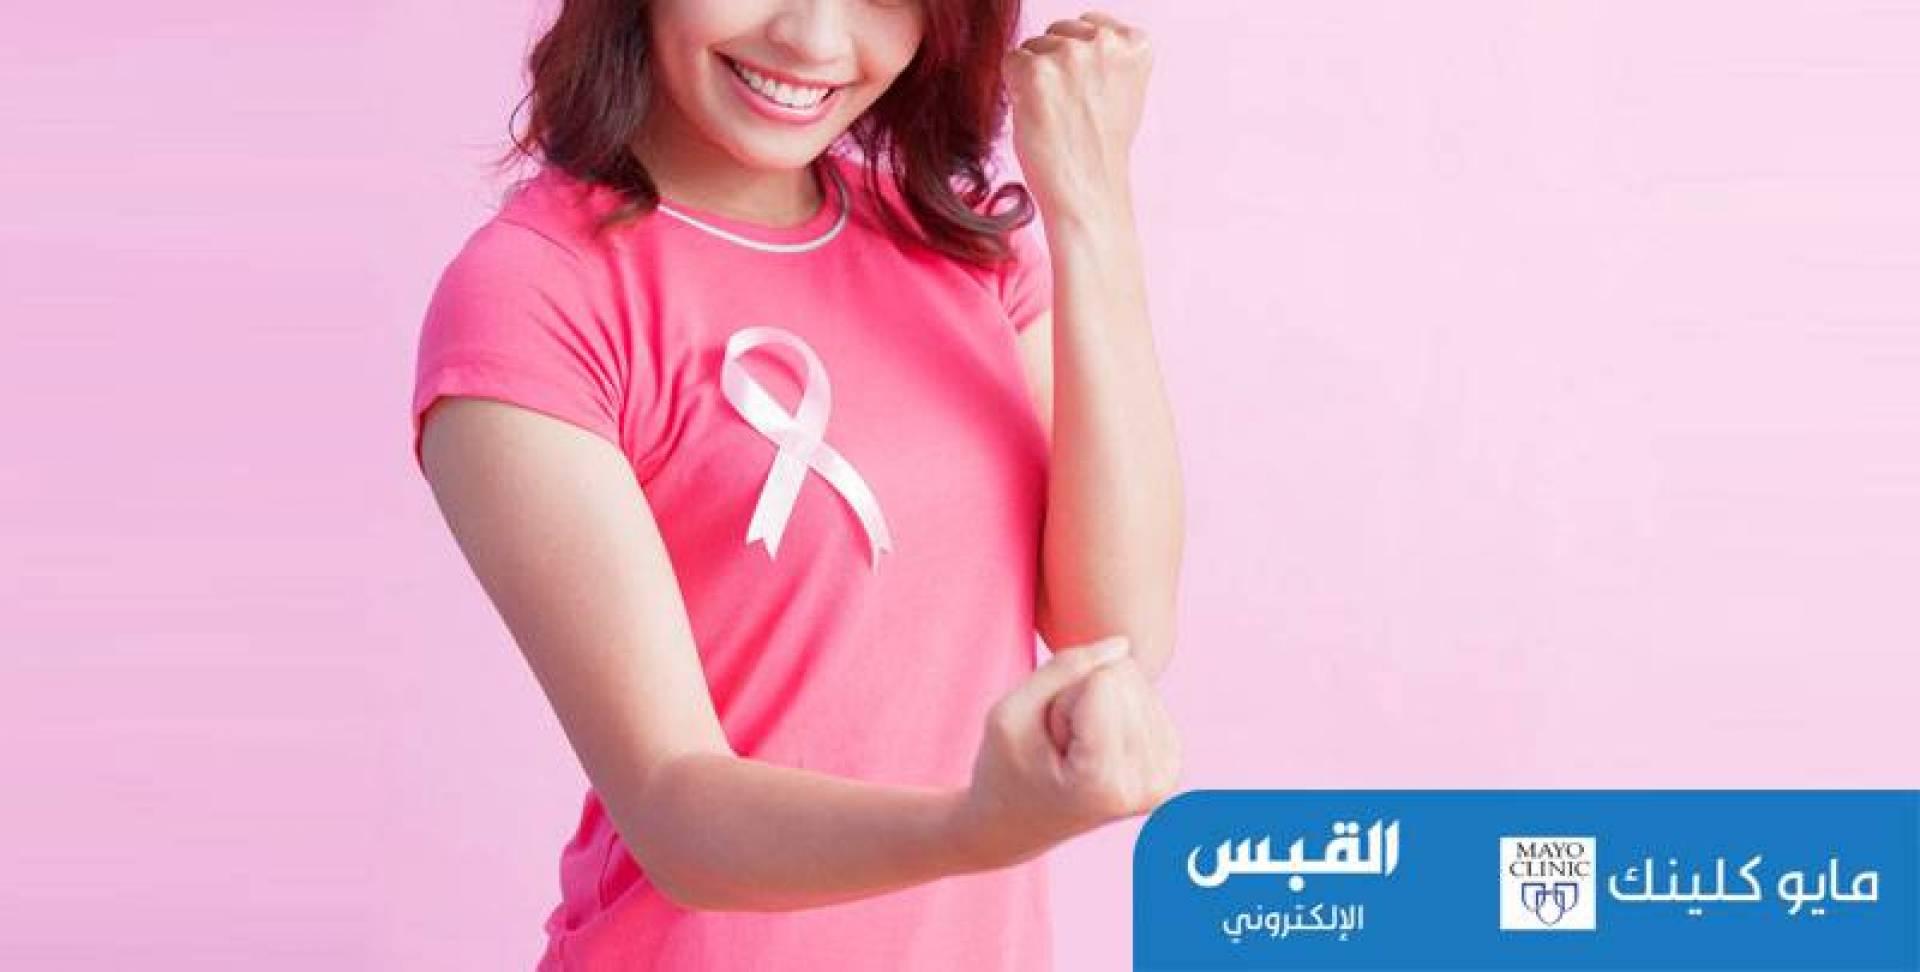 سرطان الثدي.. الكشف المبكر مهم